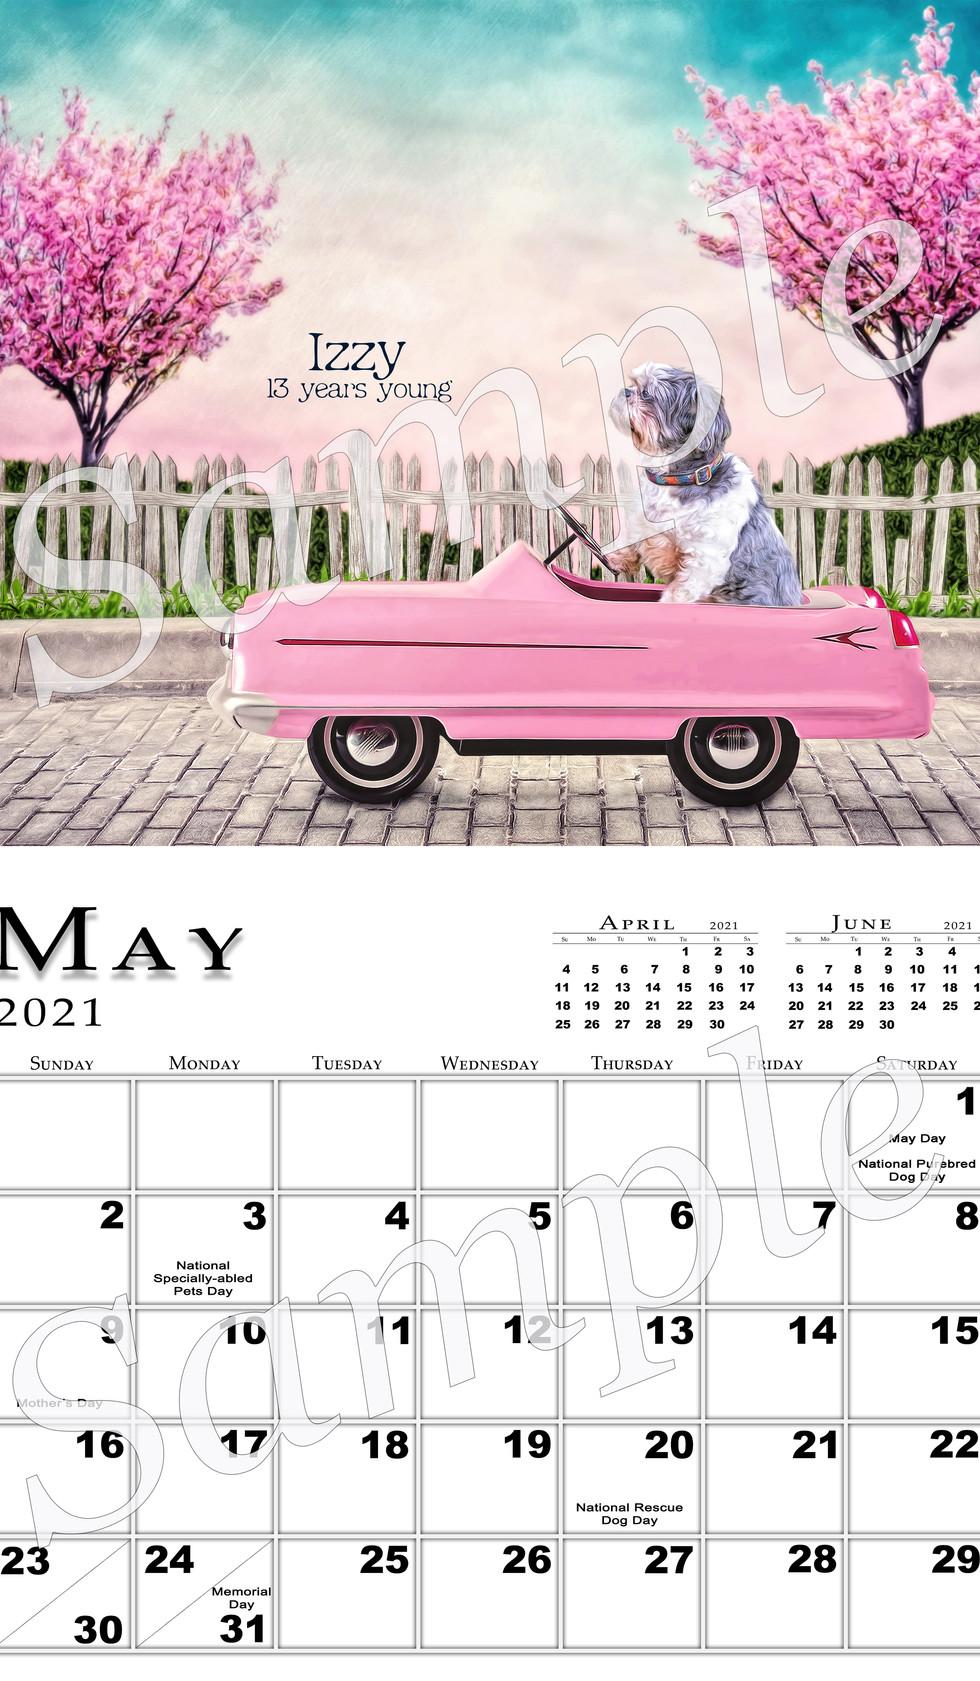 May 2021 Full Page Sample.jpg